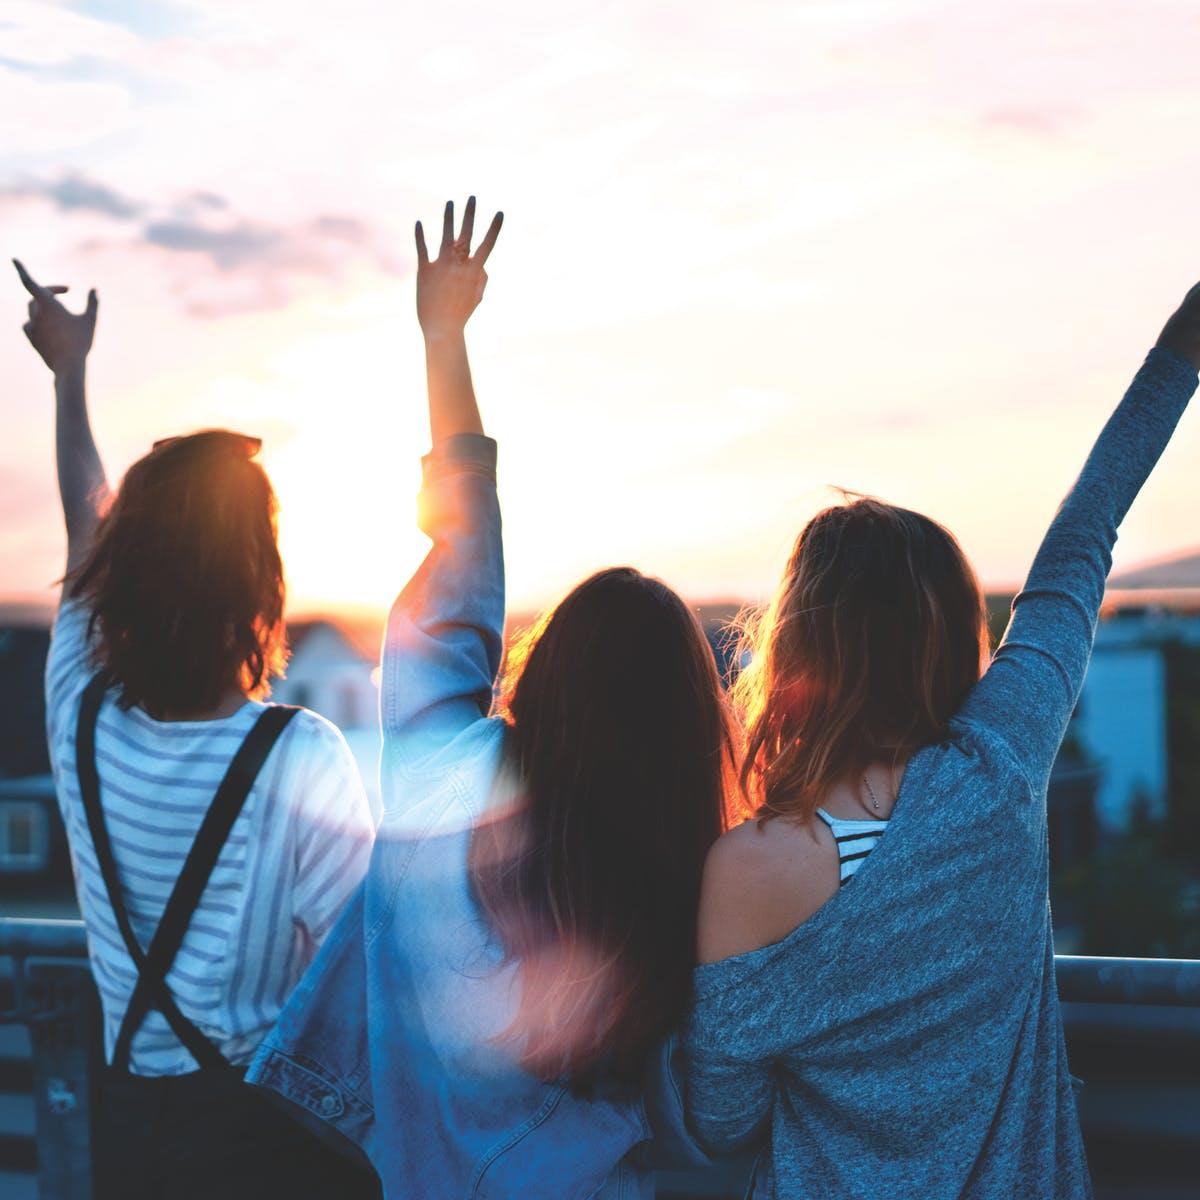 عبارات عن الصداقة الحقيقية بالانجليزي